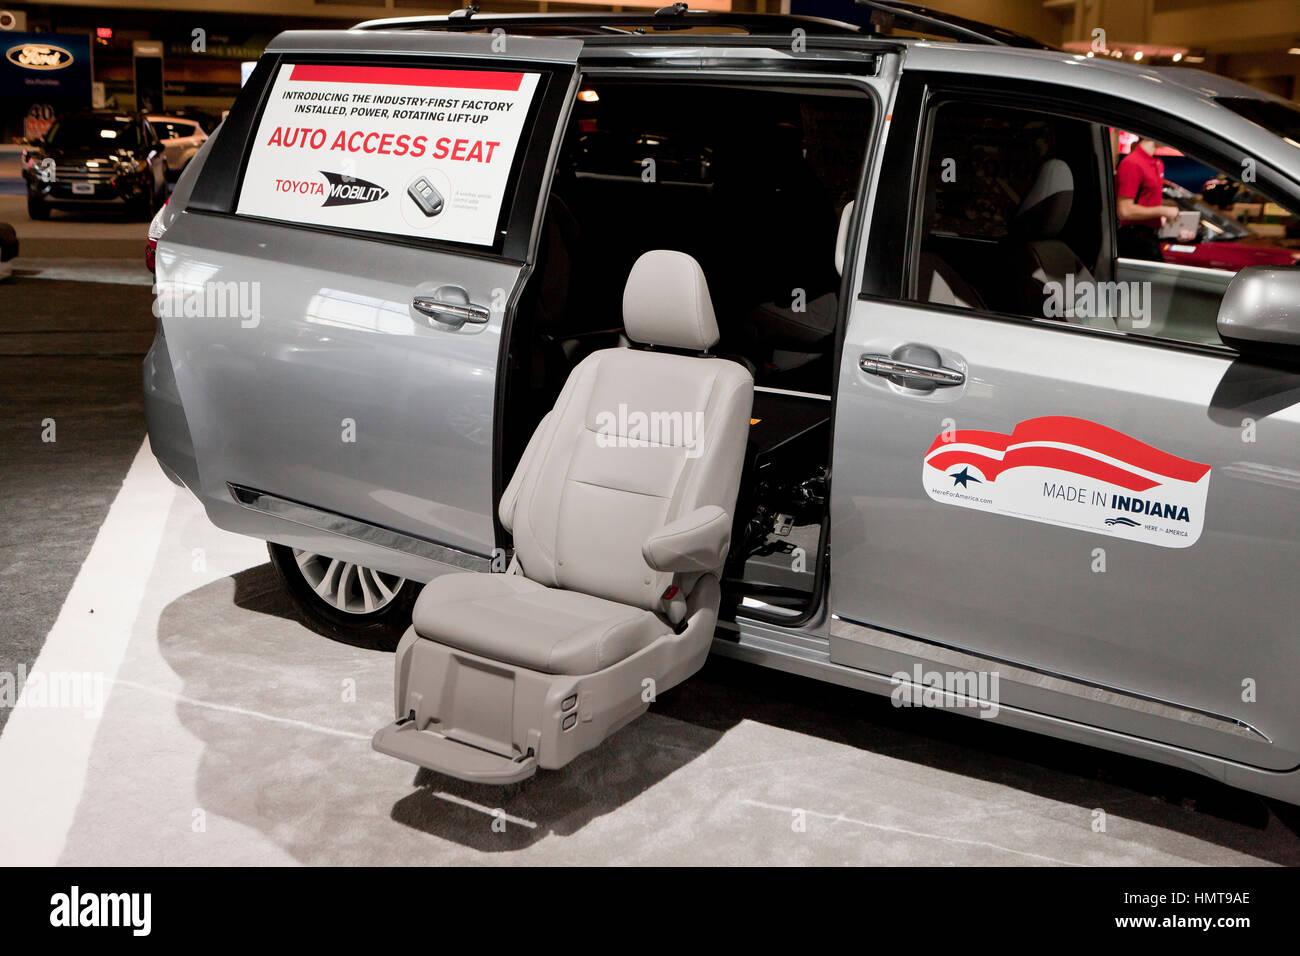 Toyota Mobilität Auto Zugang Sitz in Sienna Minivan auf 2017 ...